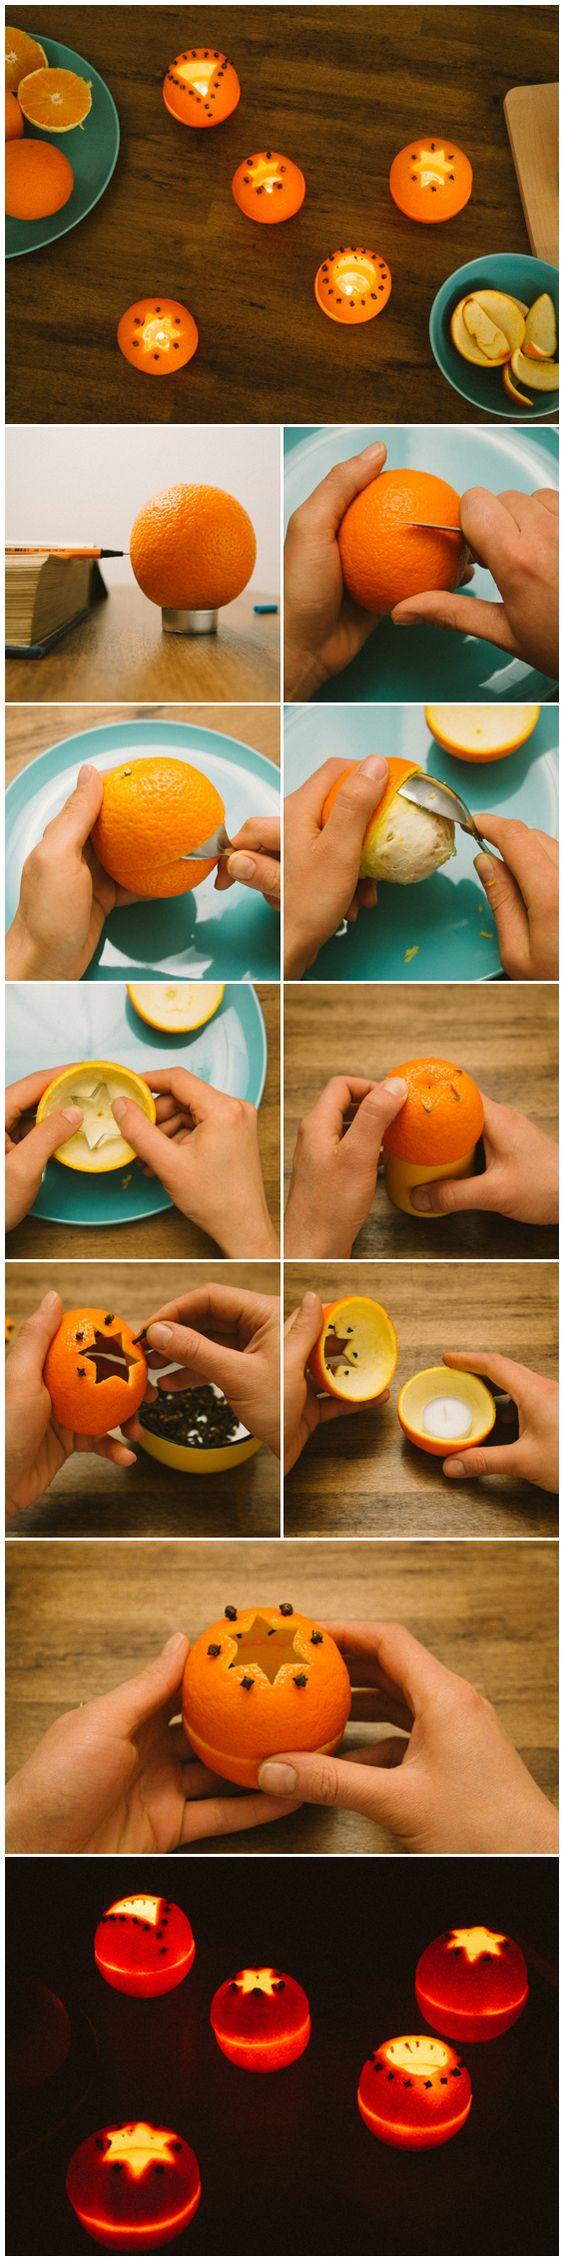 Αρωματική διακόσμηση με μανταρίνια και πορτοκάλια10